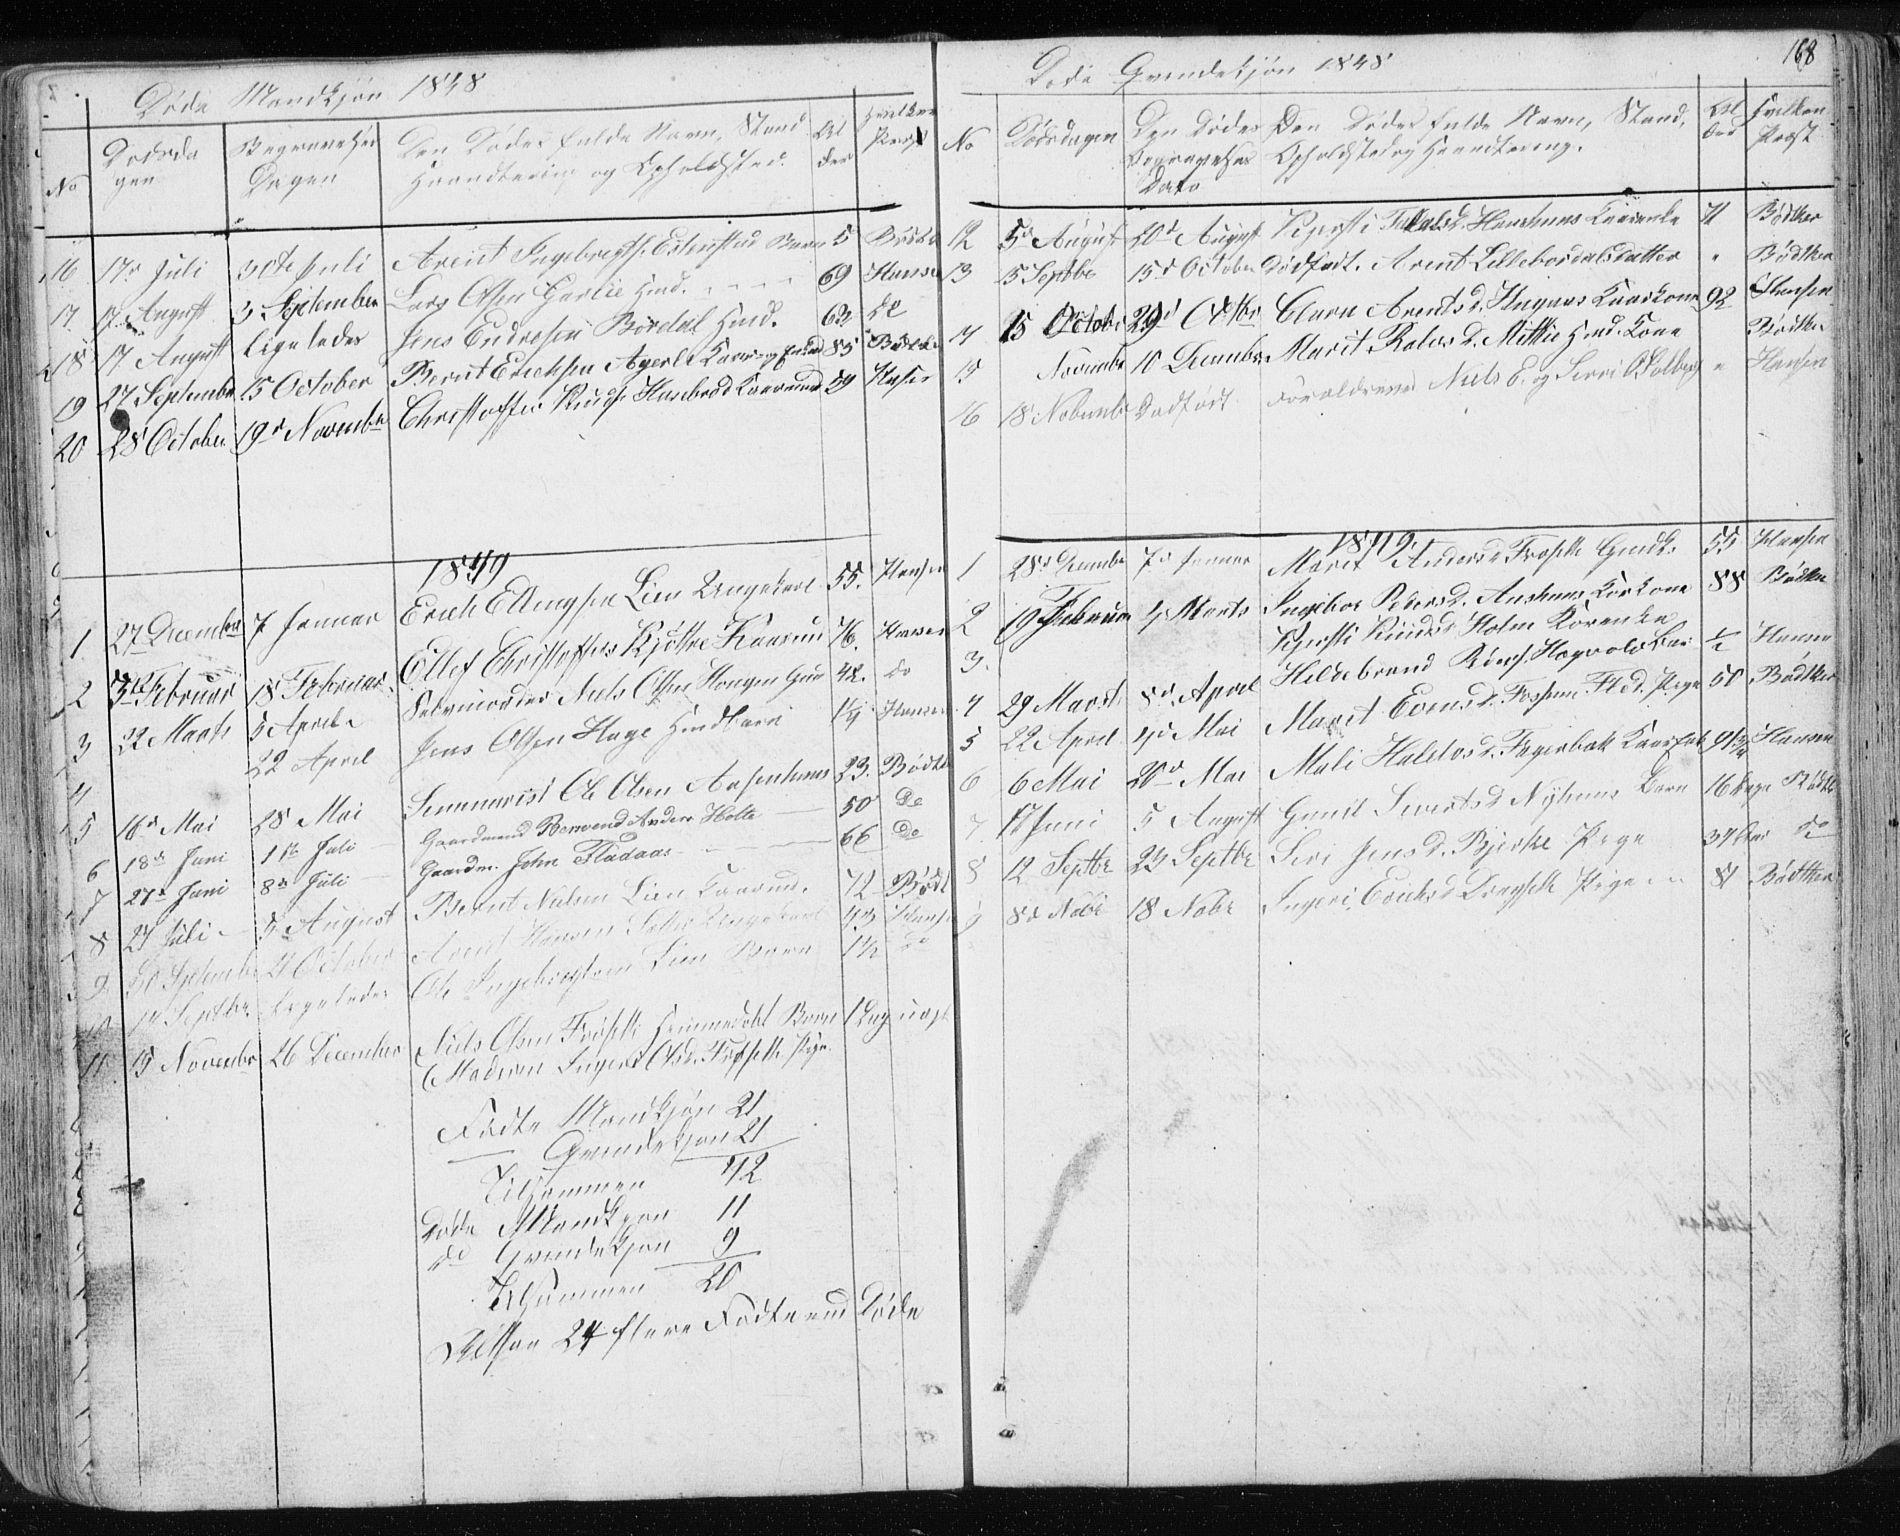 SAT, Ministerialprotokoller, klokkerbøker og fødselsregistre - Sør-Trøndelag, 689/L1043: Klokkerbok nr. 689C02, 1816-1892, s. 168